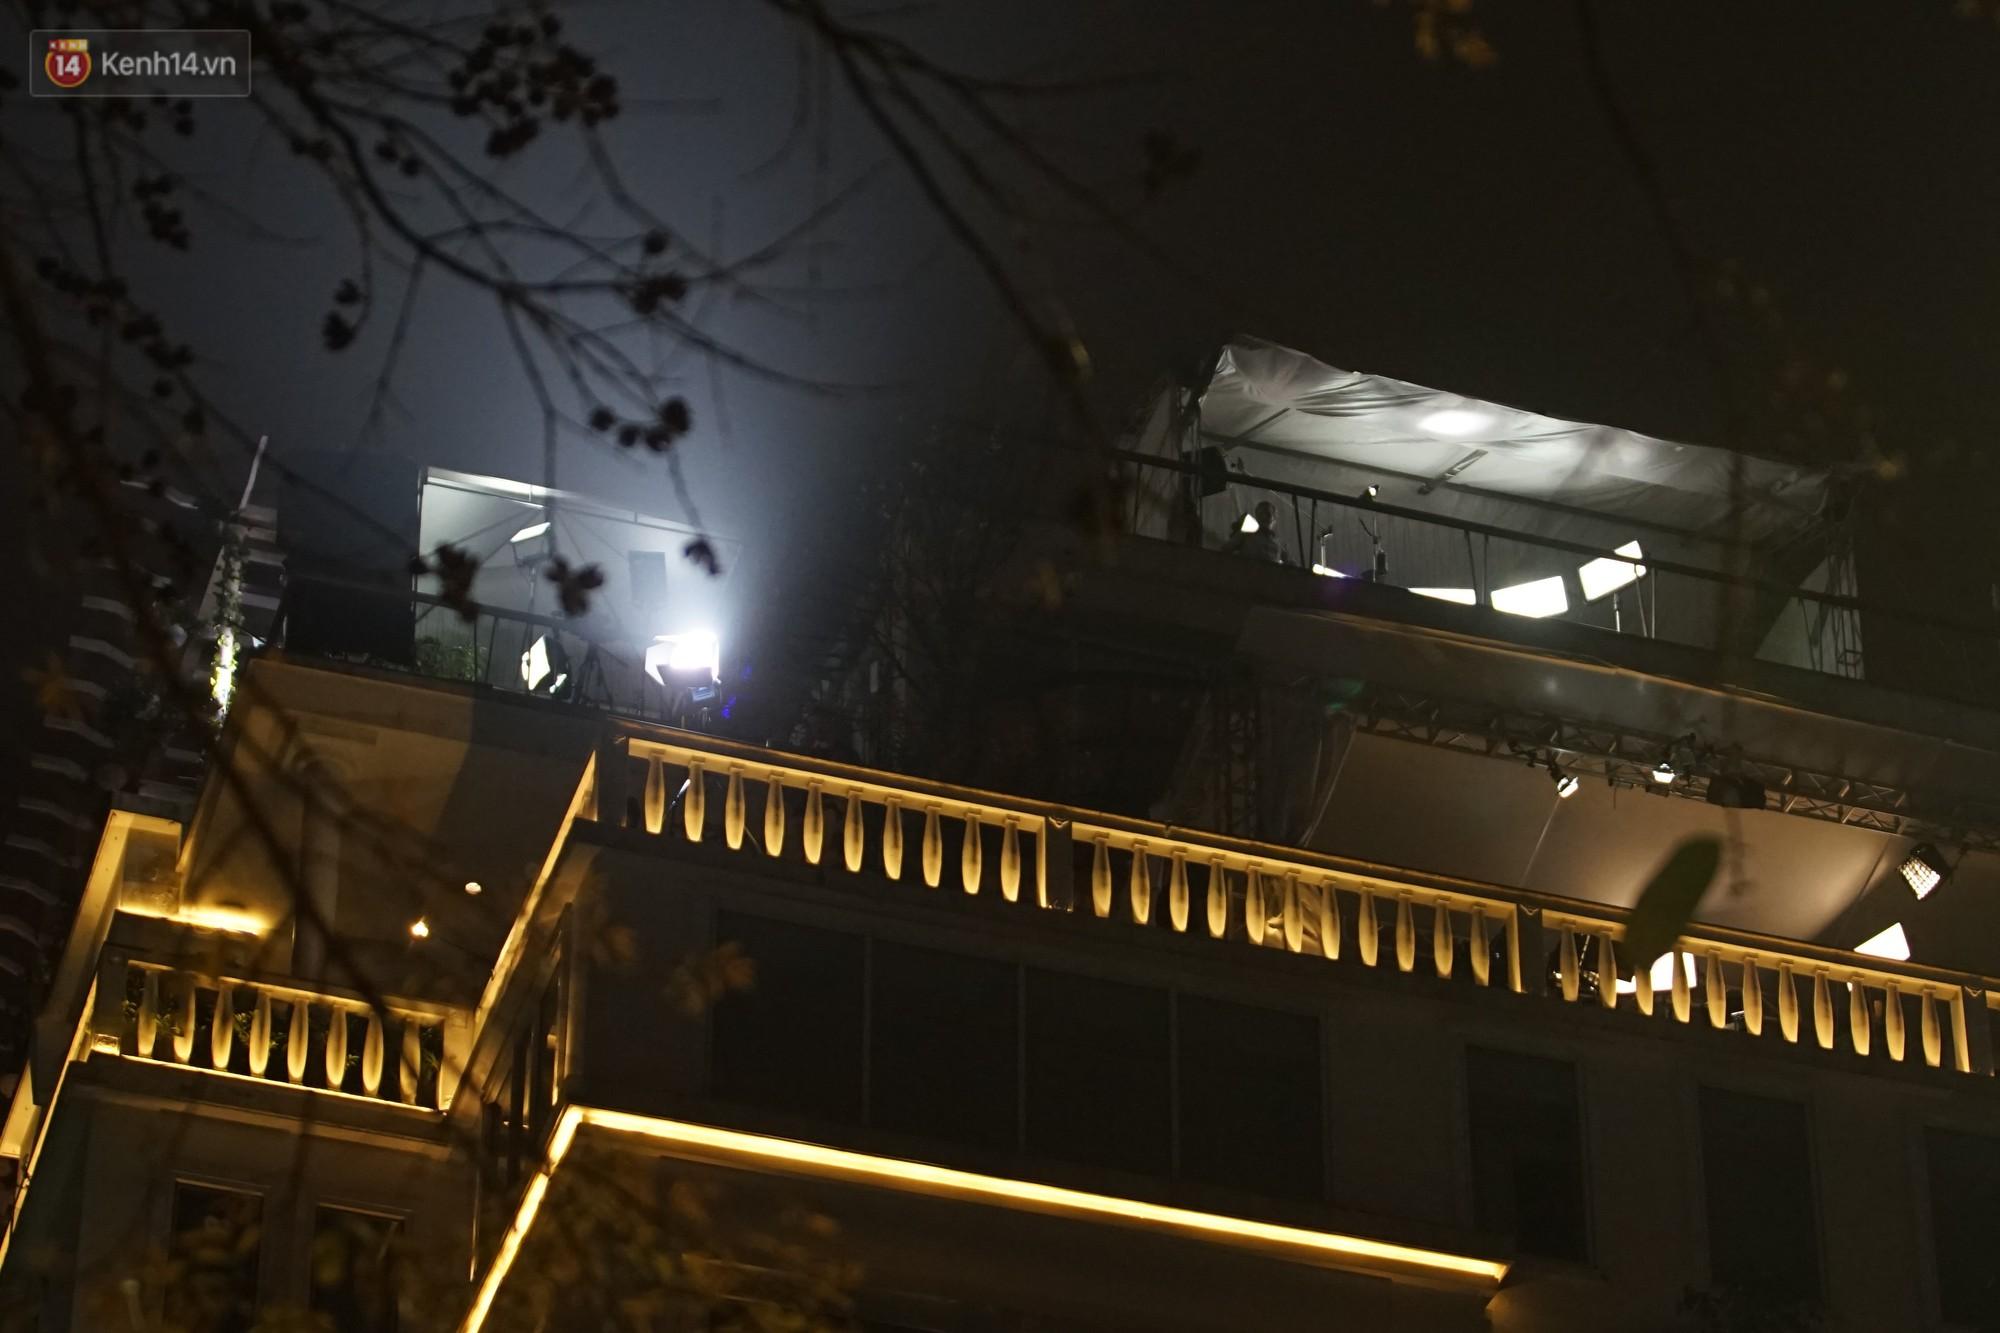 Vì sao các hãng thông tấn quốc tế đều chọn những nóc nhà của Hà Nội để đưa tin về Hội nghị thượng đỉnh Mỹ - Triều?-9